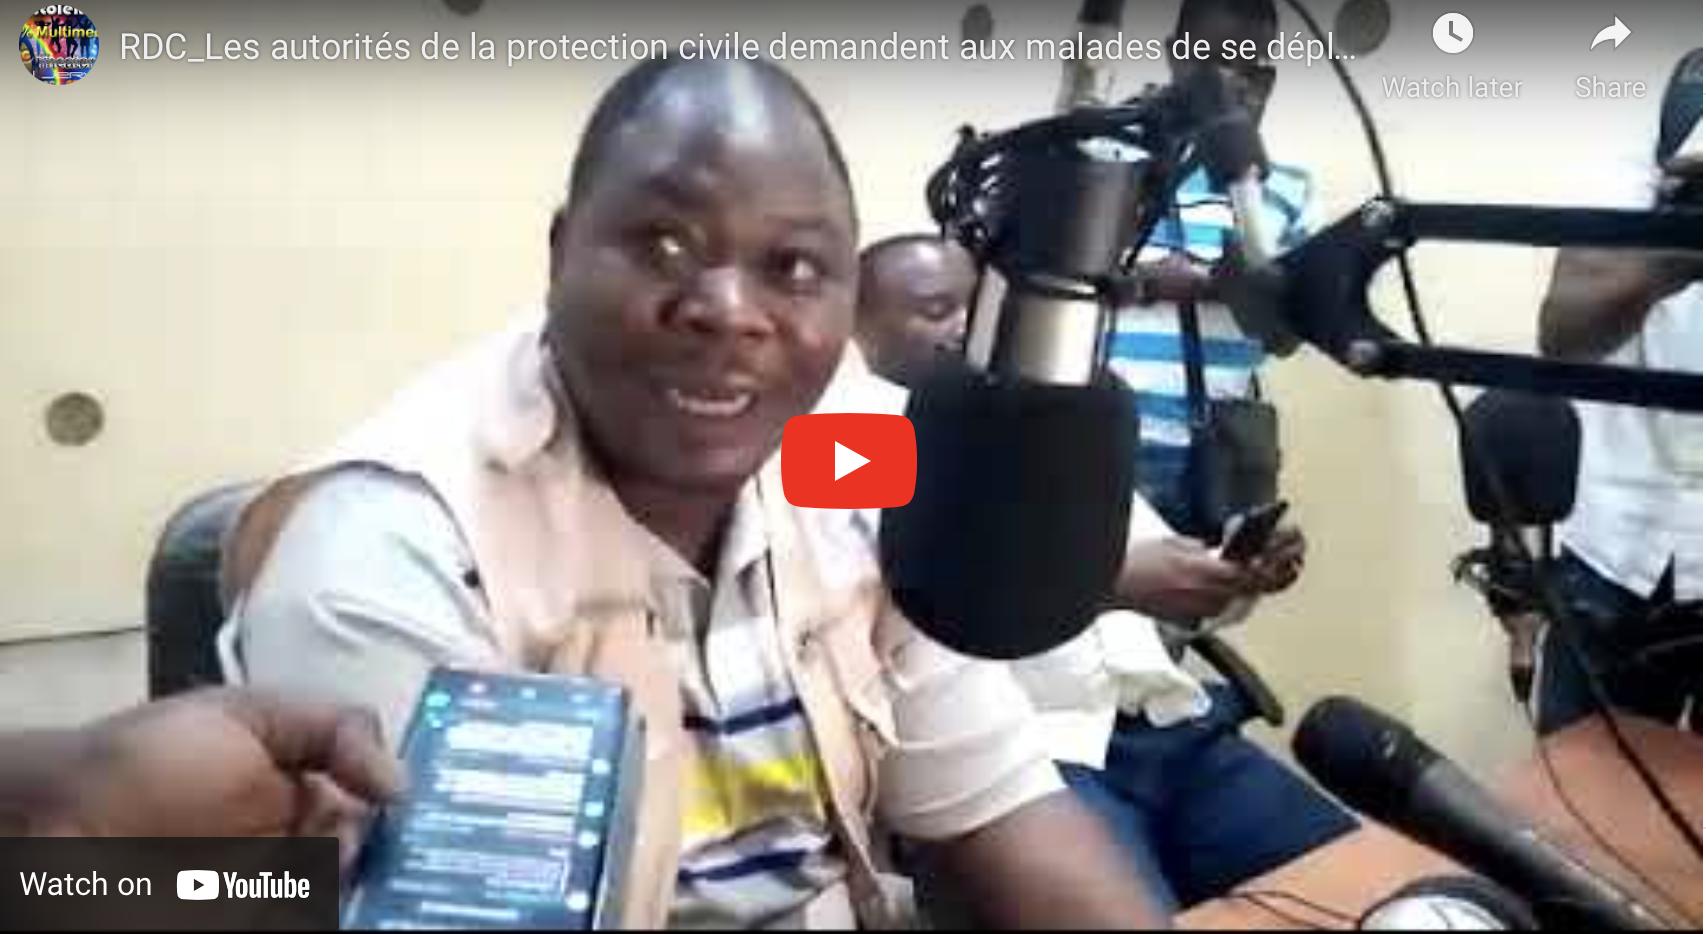 RDC_Les autorités de la protection civile demandent aux malades de se déplacer vers l'Hopital.